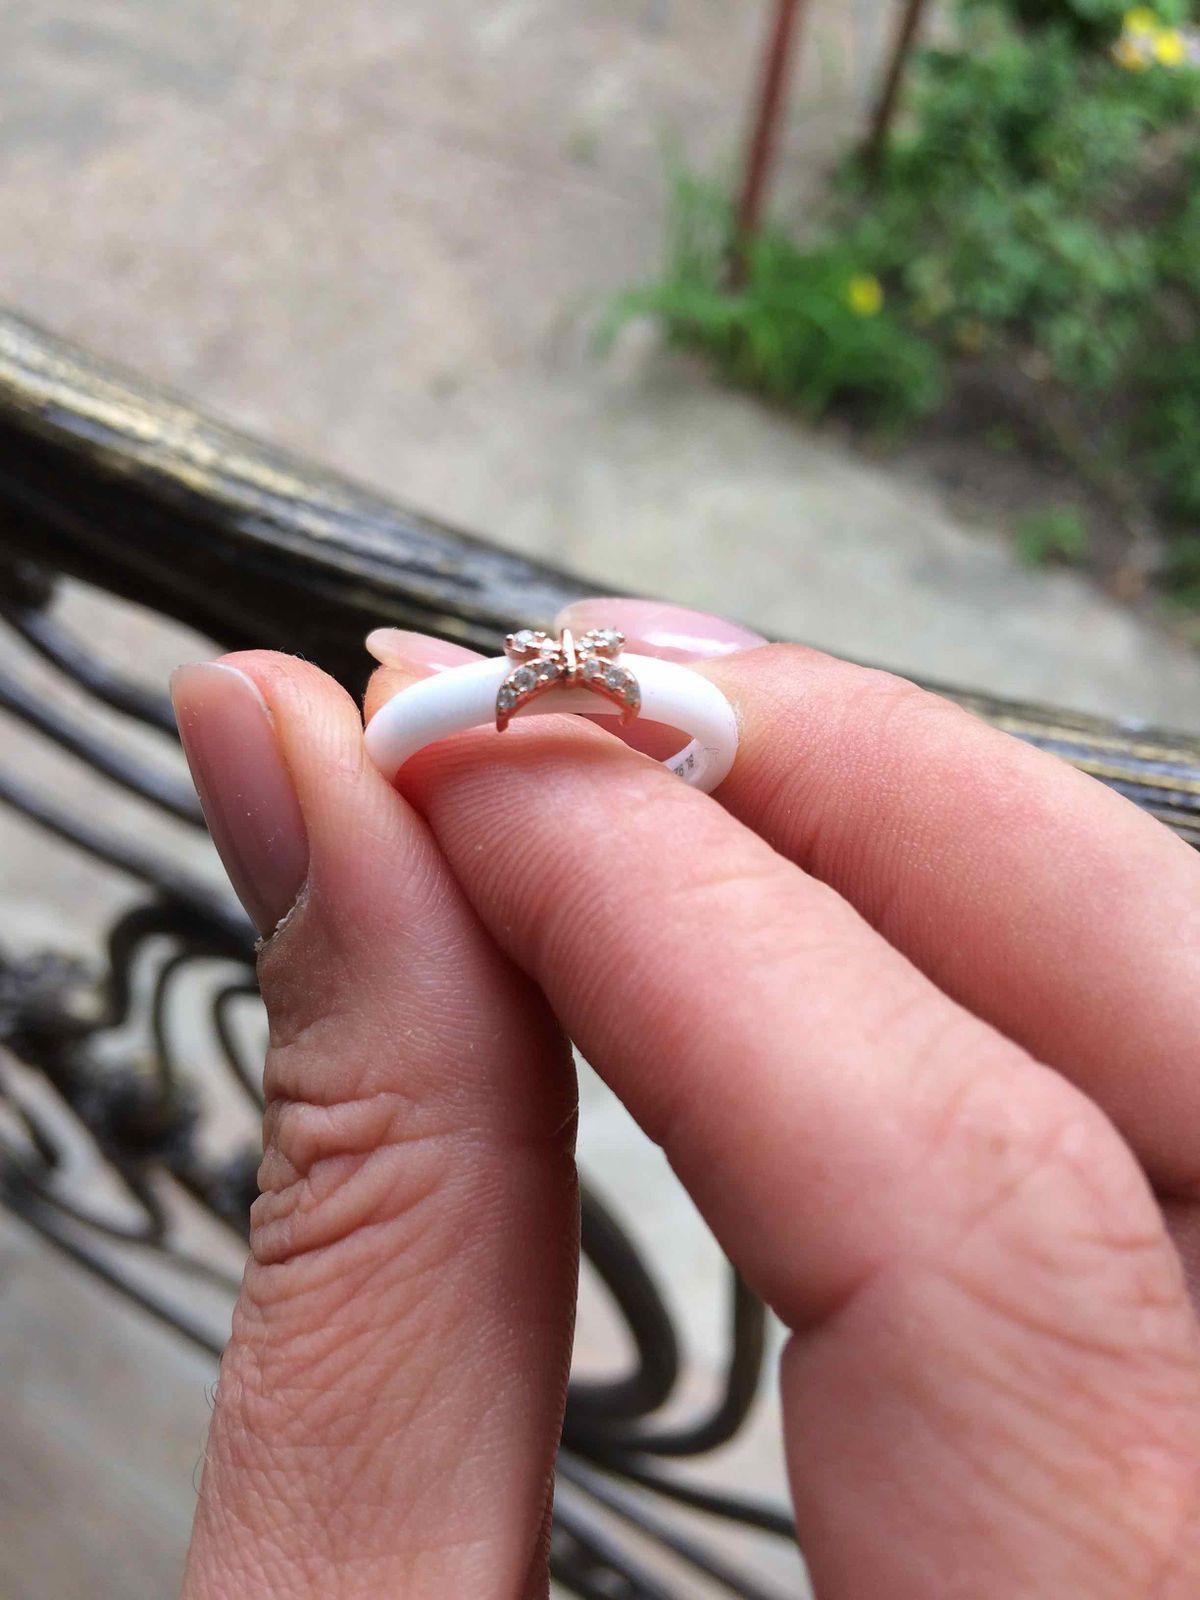 Кольцо на лето, когда его увидела сразу влюбилась! купила и очень довольна!